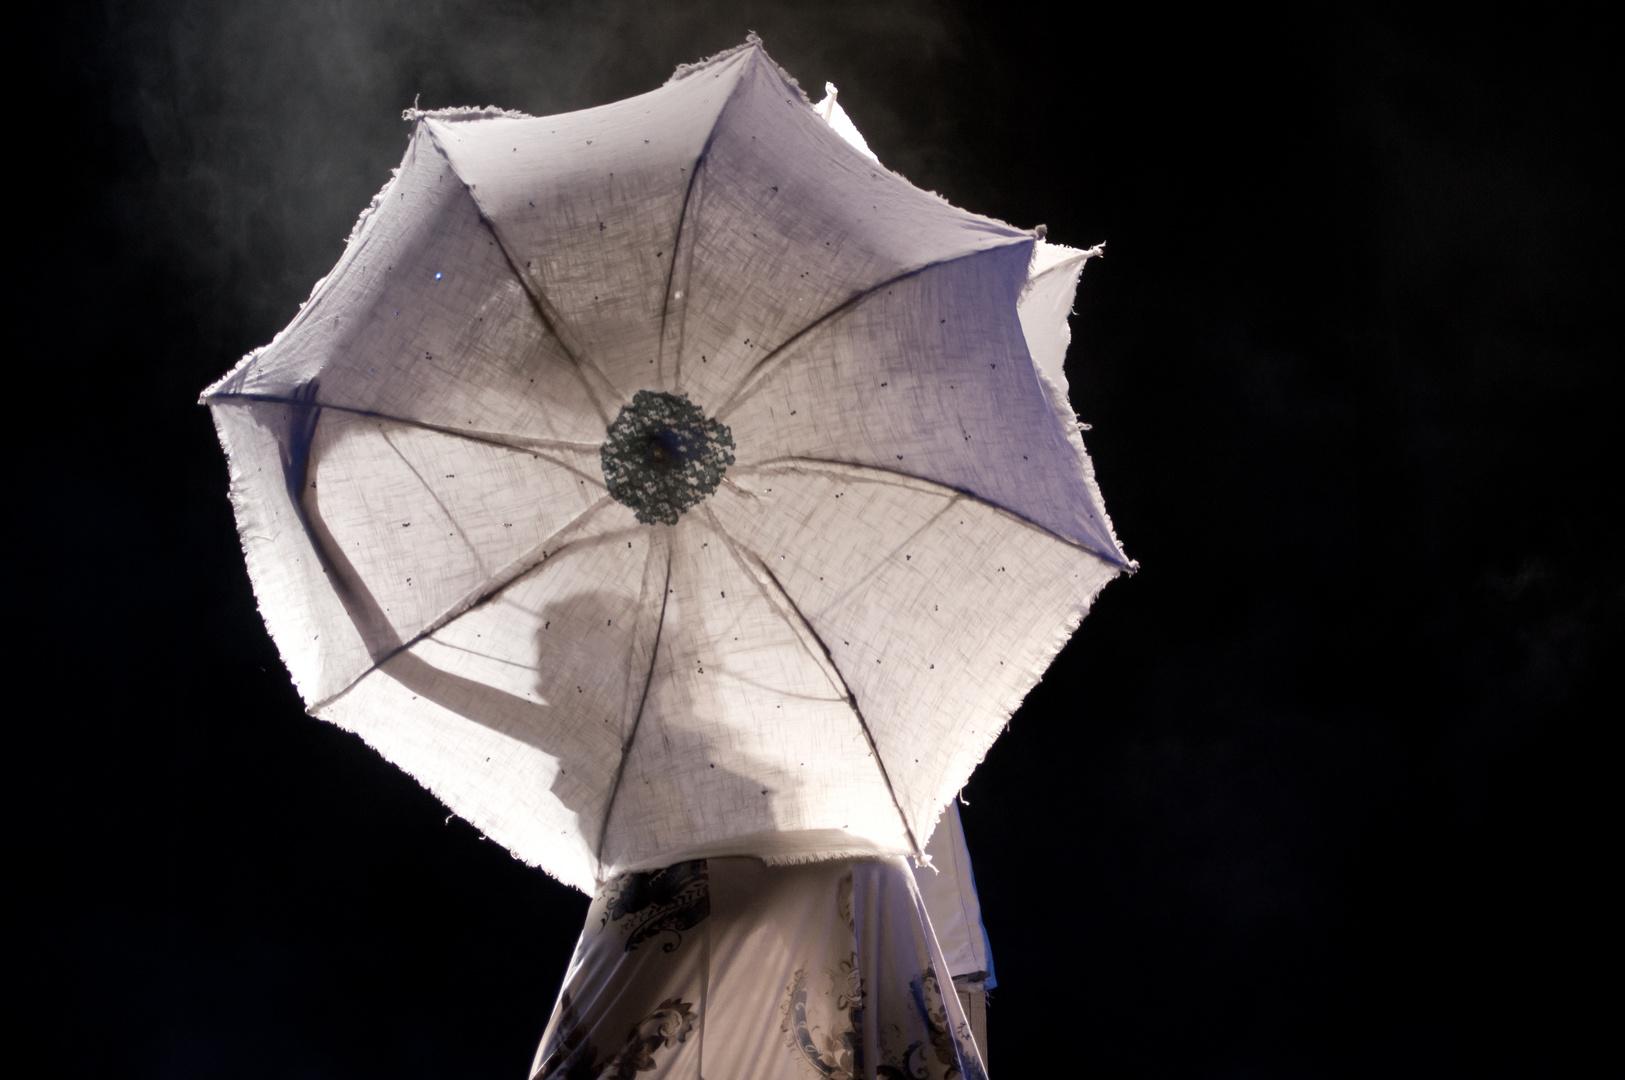 Schatten Schirm